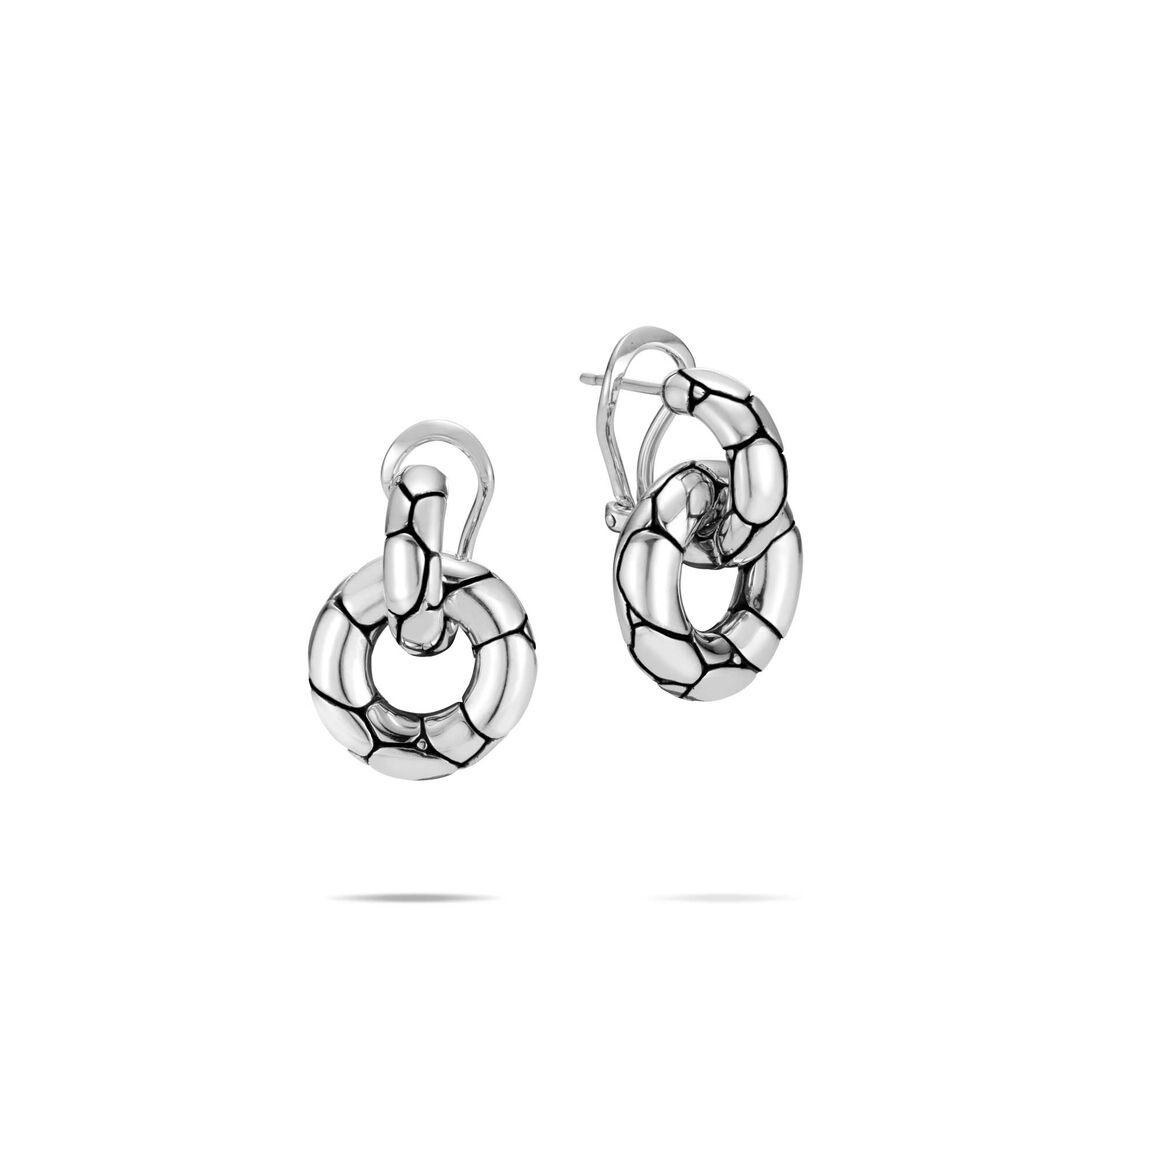 Kali Door Knocker Earring in Silver